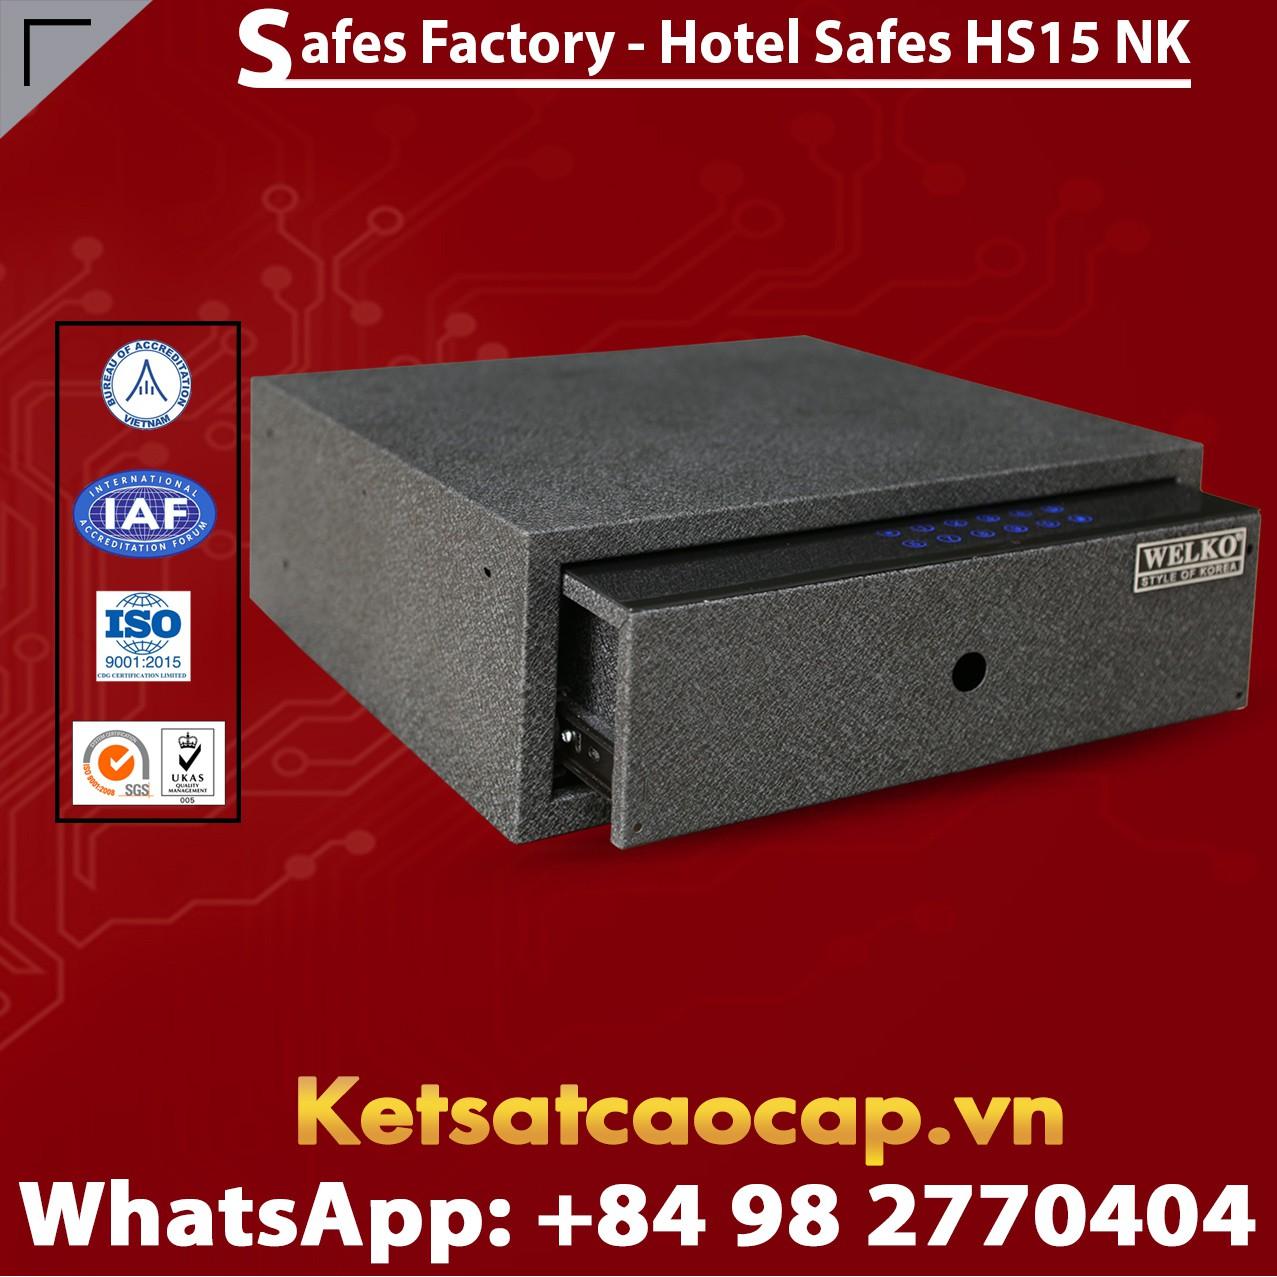 Két Sắt Khách Sạn Hotel Safes WELKO HS15 NK